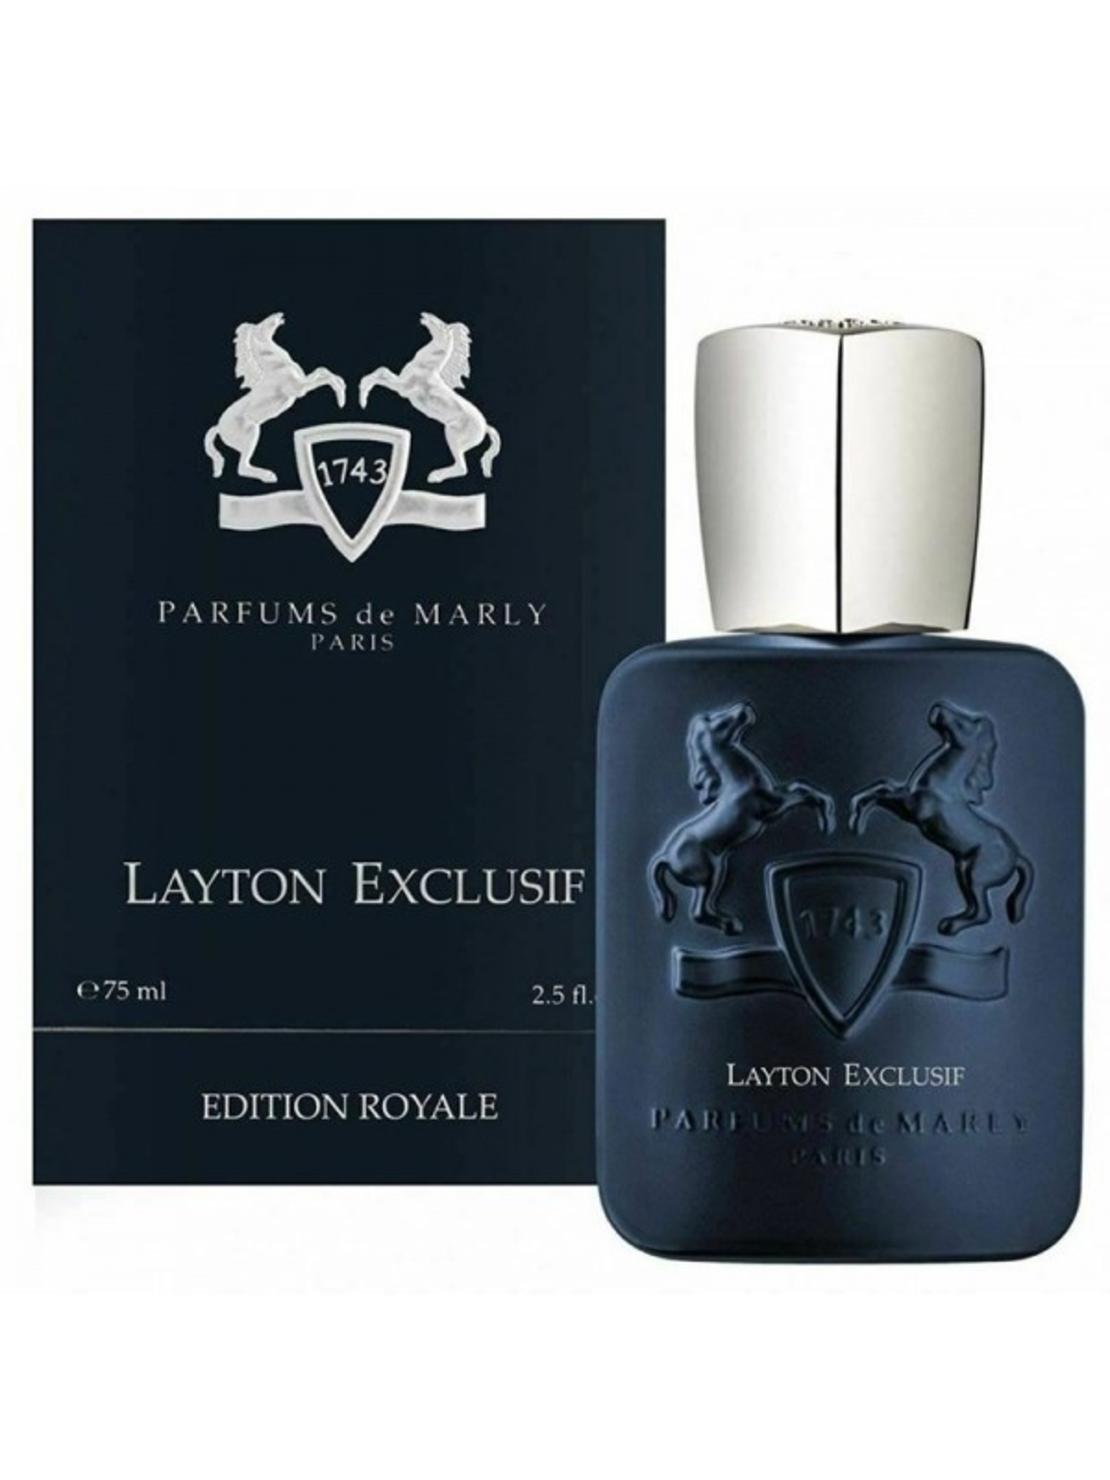 בושם לגבר פרפיום דה מרלי לייטון אקסלוסיב PARFUMS DE MARLY LAYTON EXCLUSIF EDP 75ML